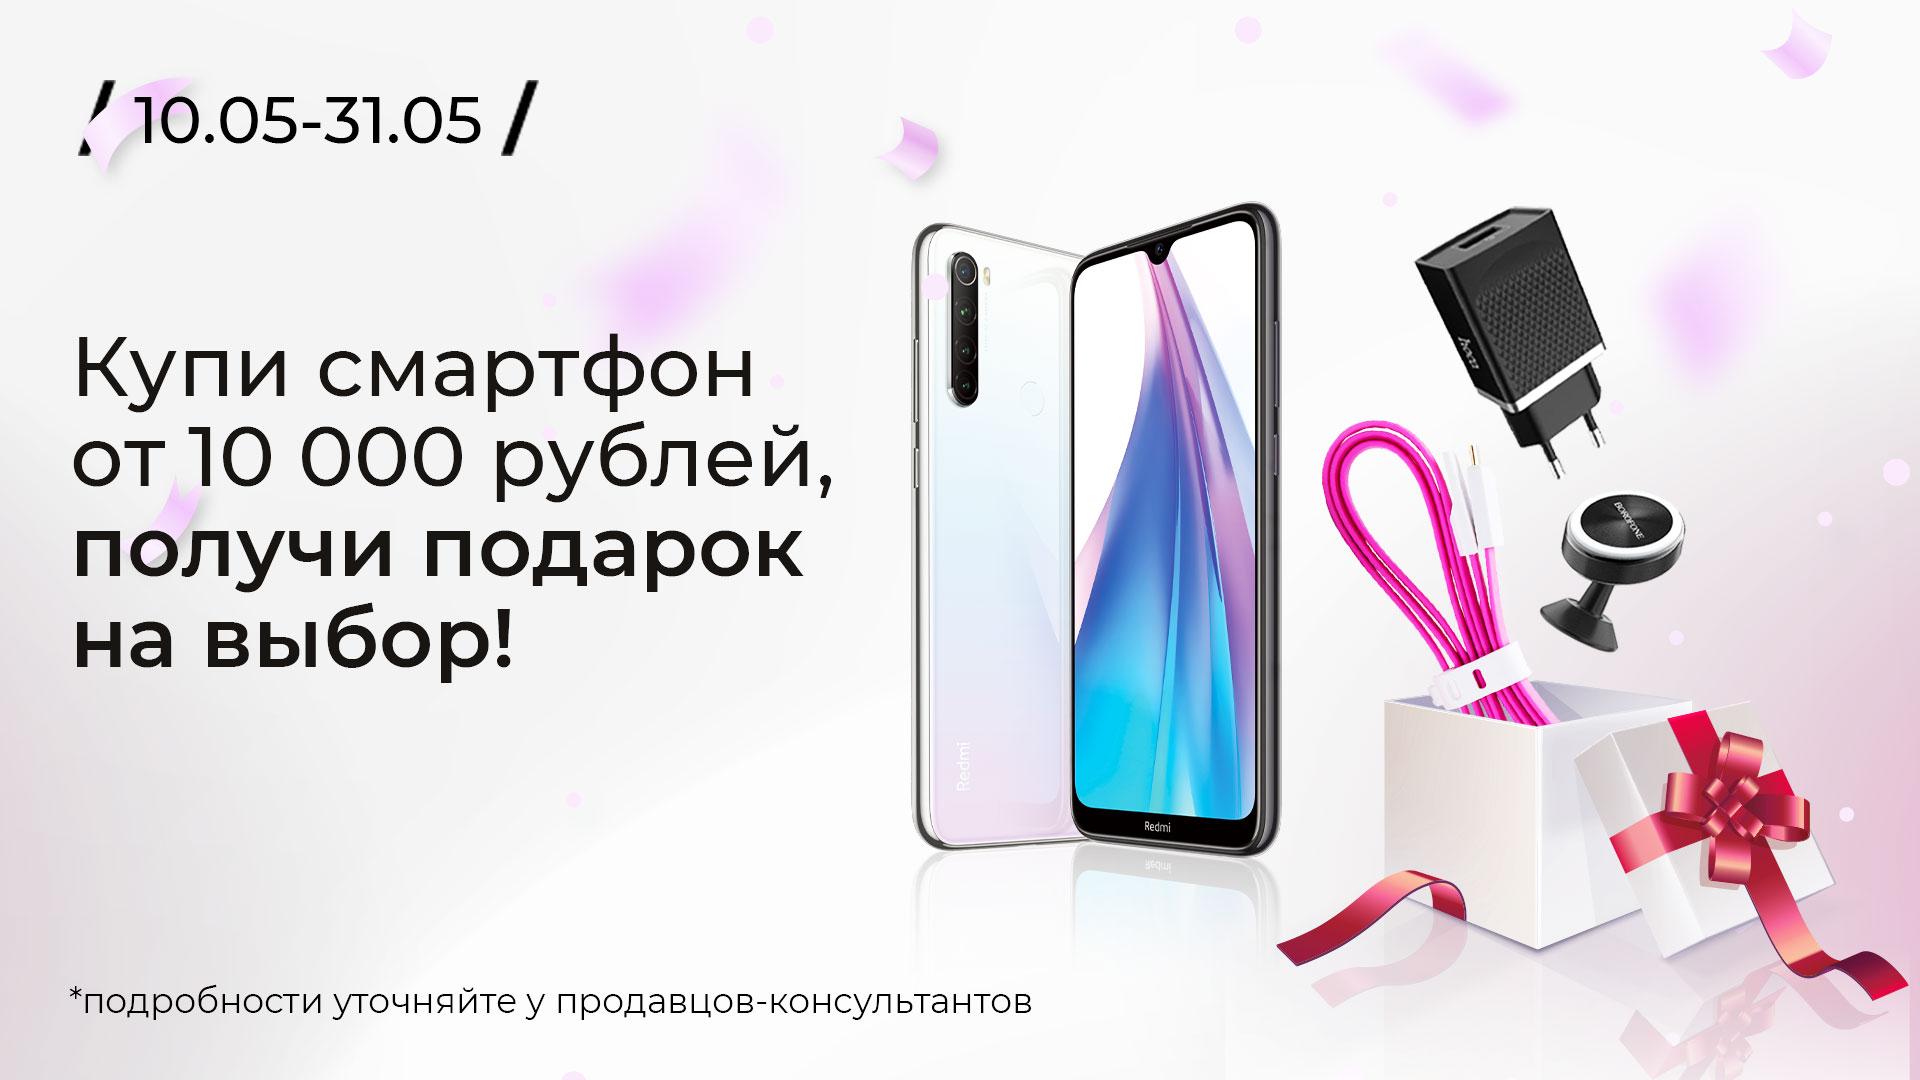 Smartfon Ot 10000 Podarok 1